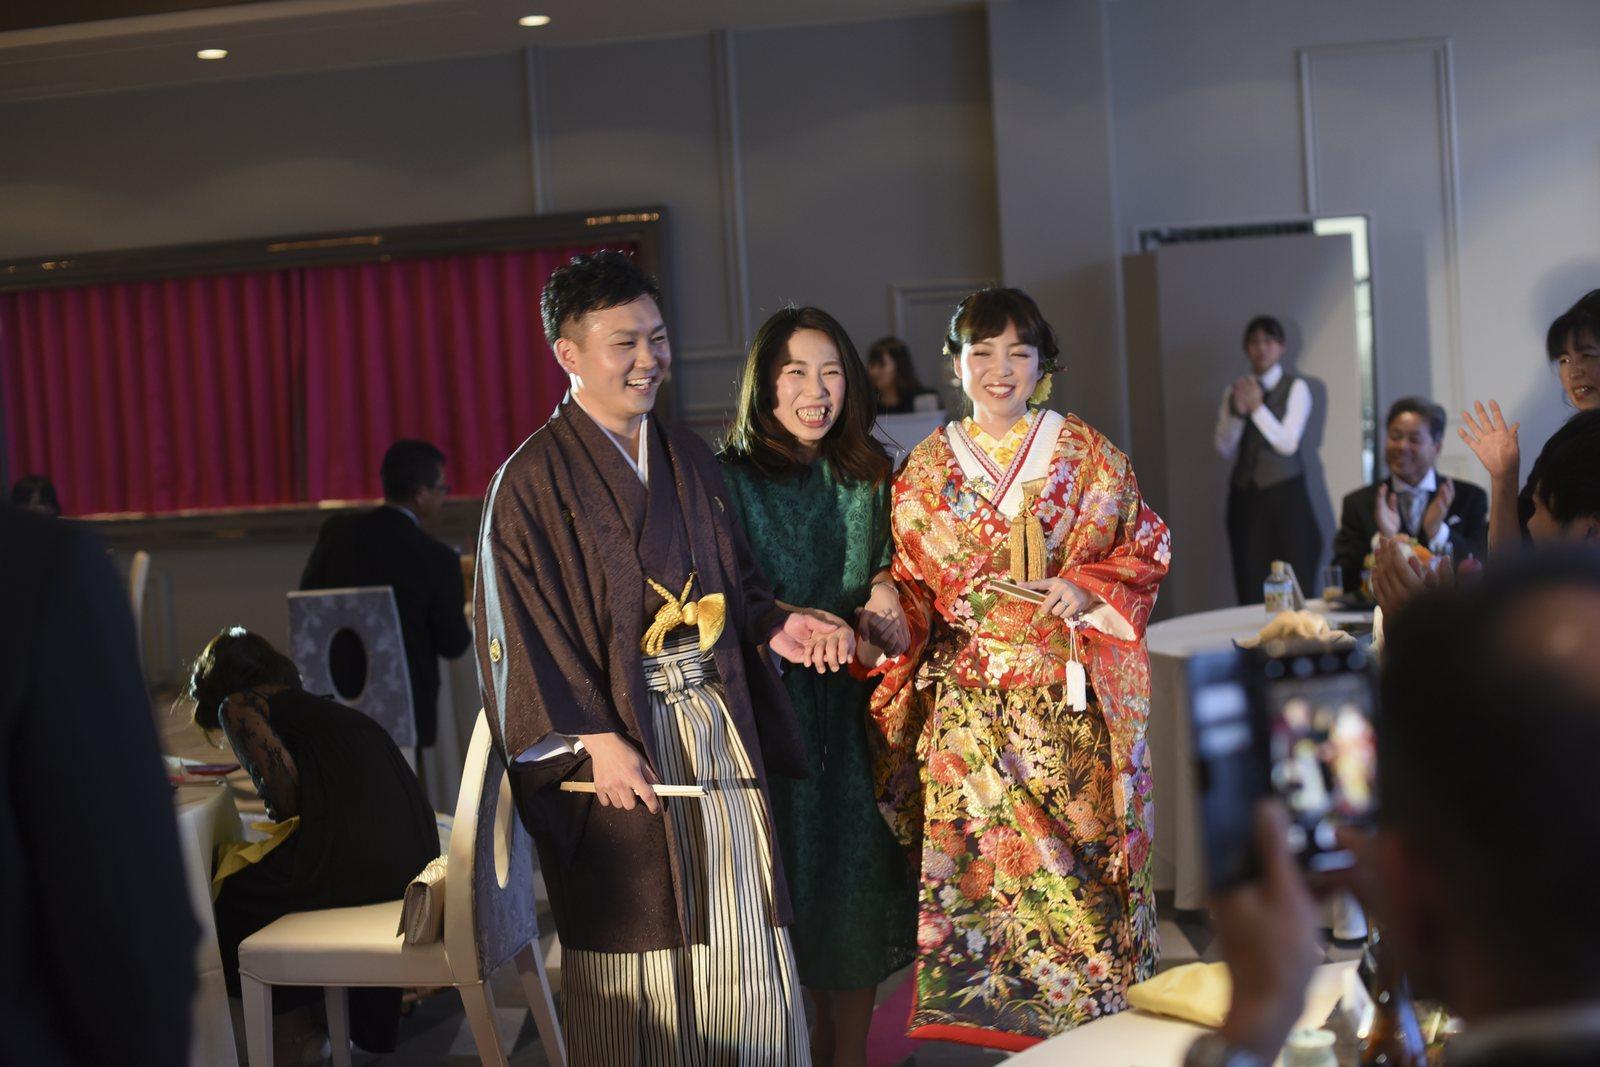 徳島市の結婚式場ブランアンジュでゲスト様と一緒に退場される新郎新婦様